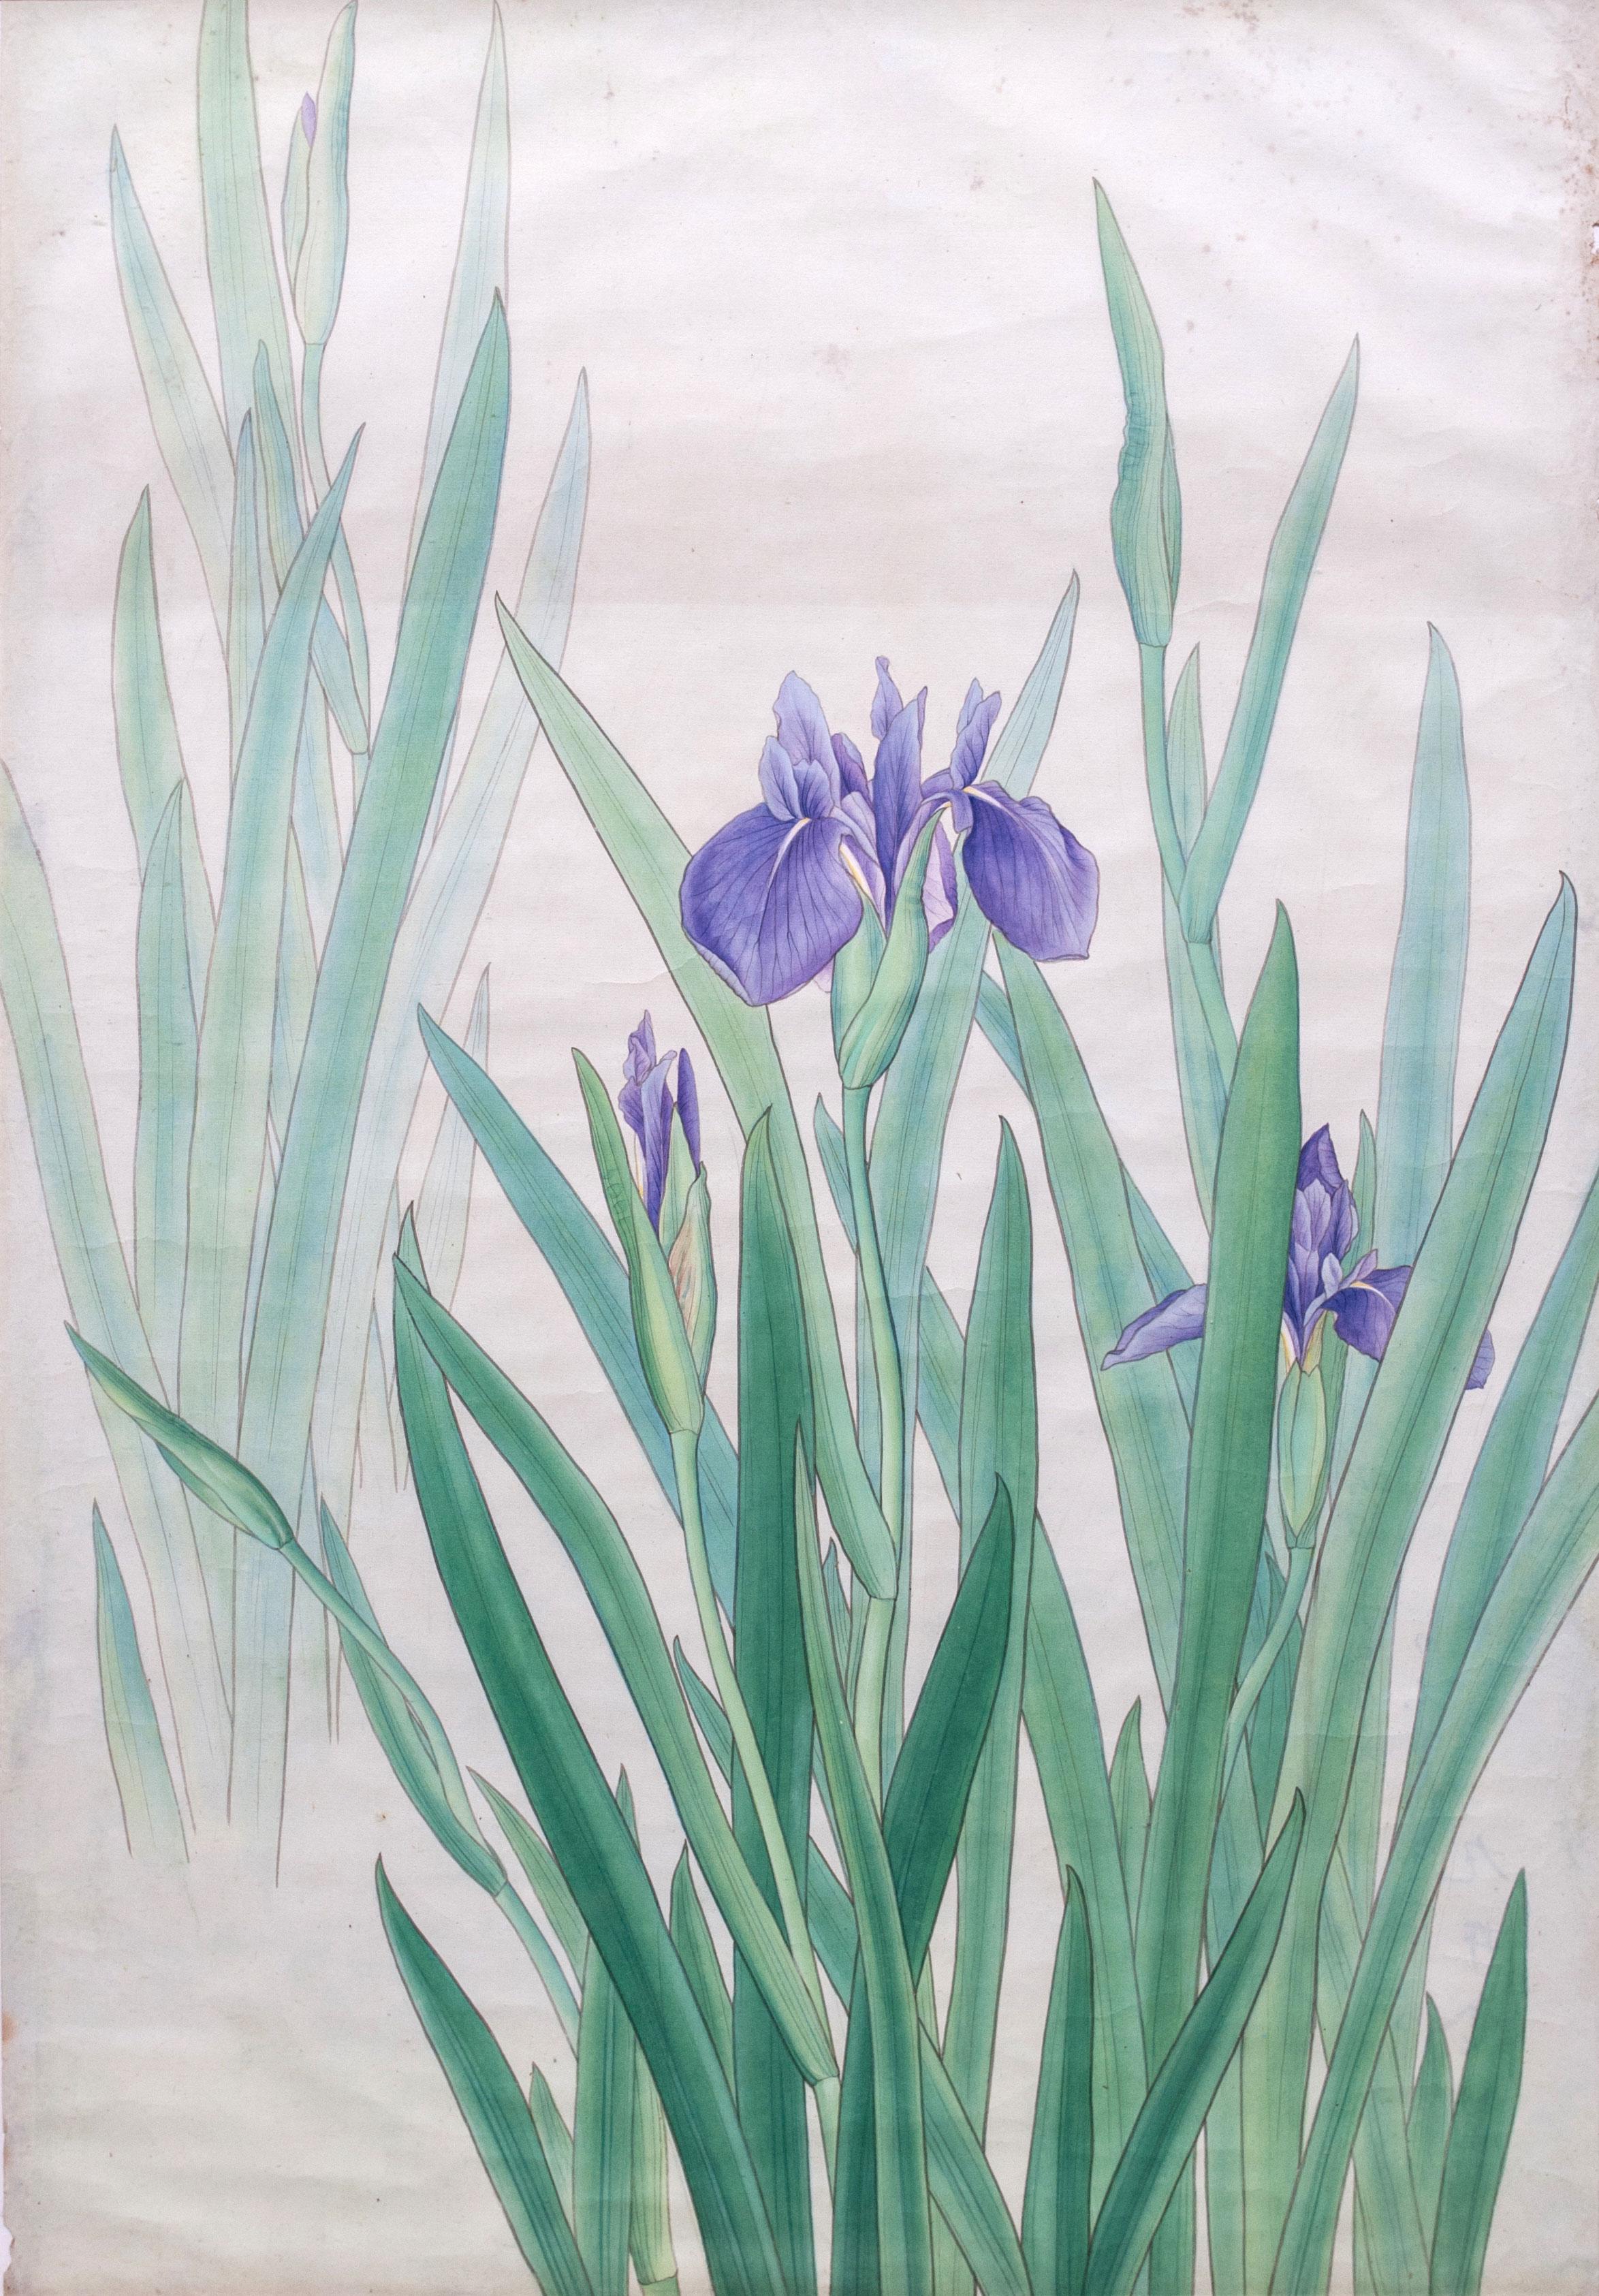 燕子花* - Iris Laevigata